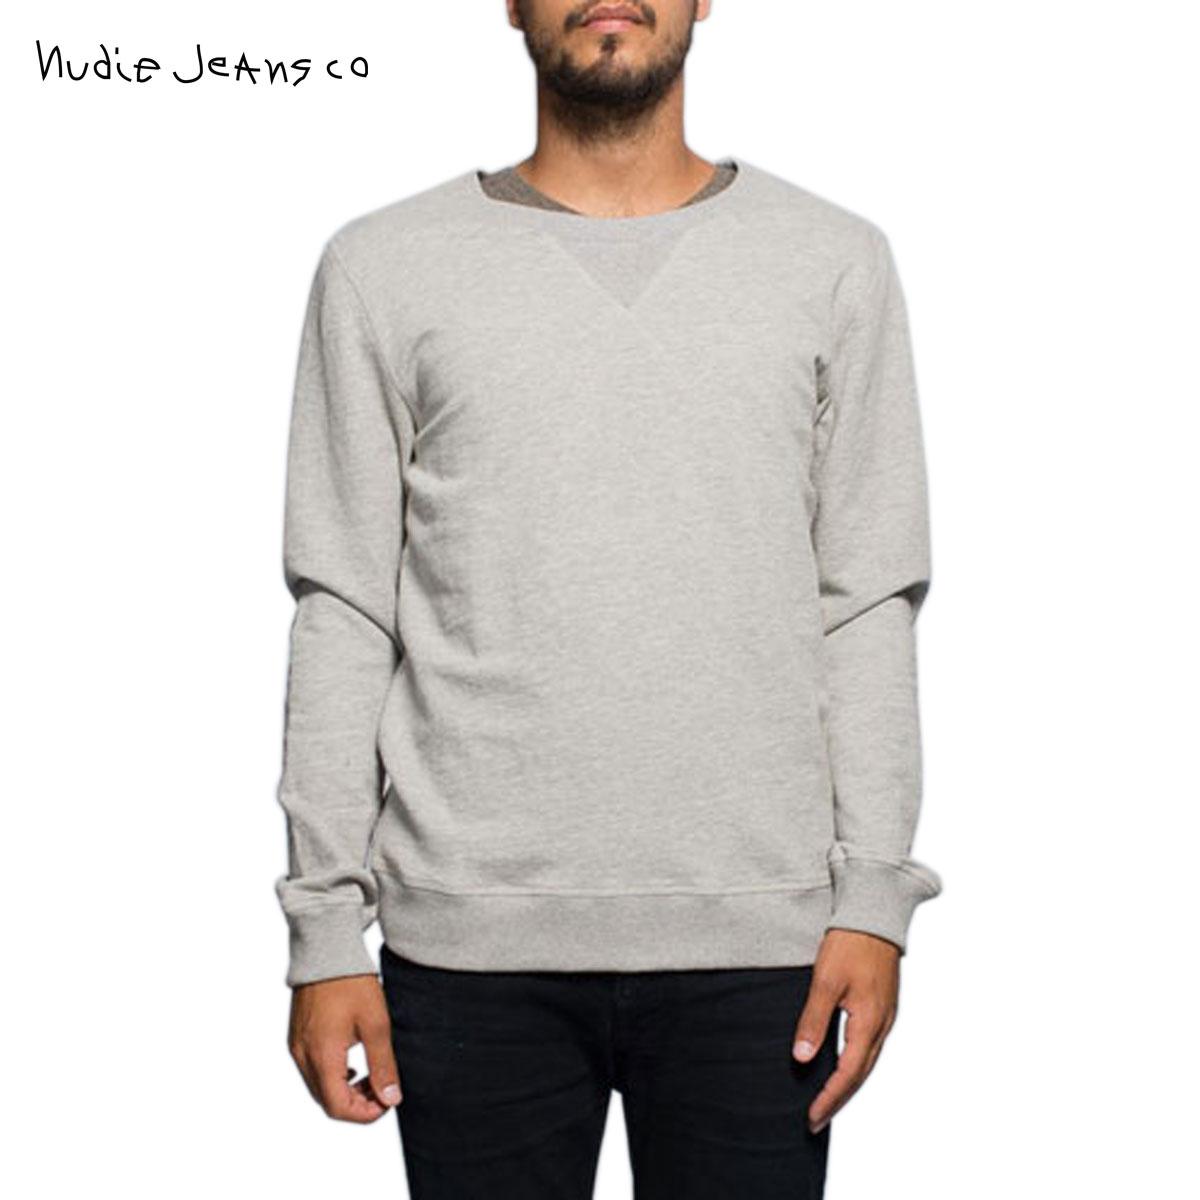 ヌーディージーンズ Nudie Jeans 正規販売店 メンズ スウェット Sweatshirt Org. Backbone Grey melange B04 150161 4024 D00S20